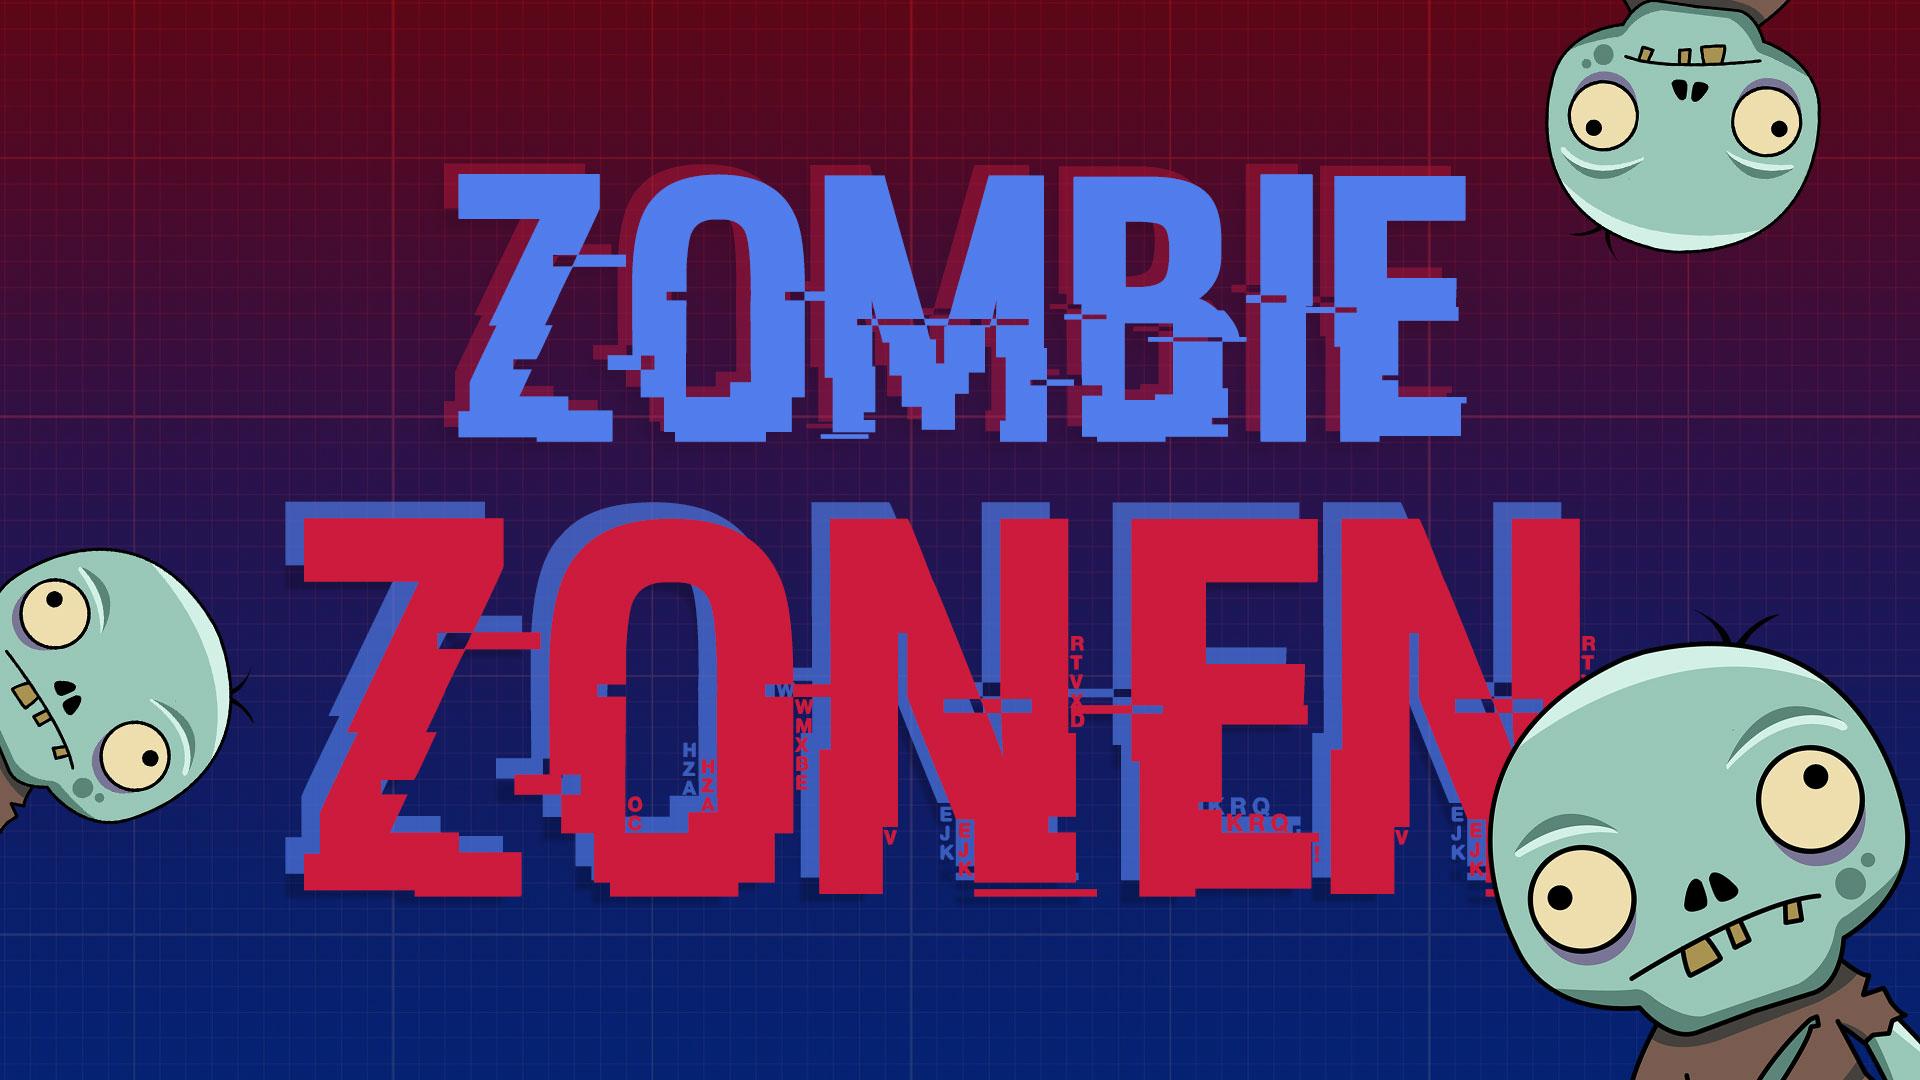 zombie_zonen_articel.jpg